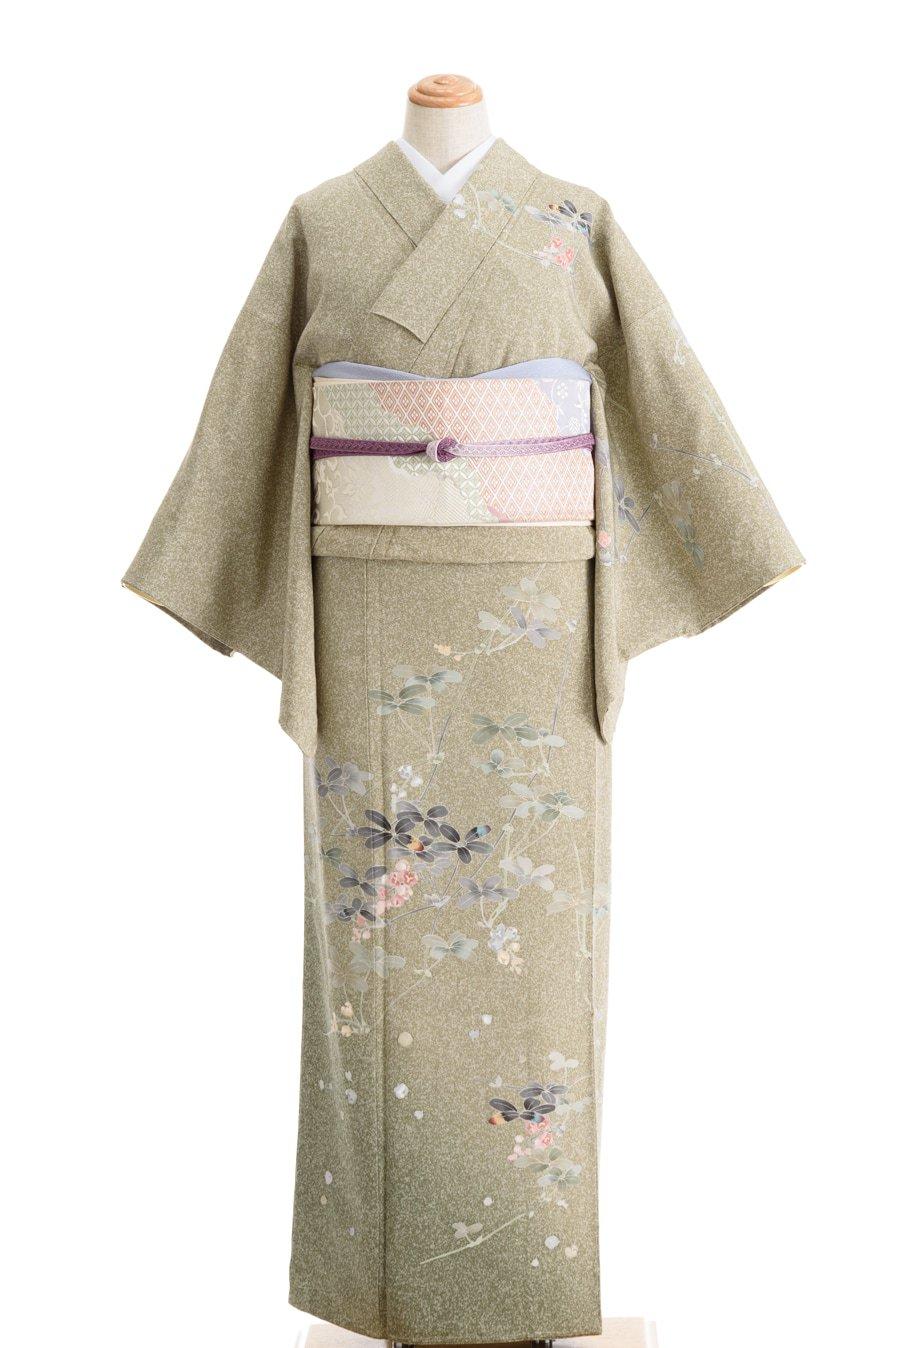 「訪問着 加賀調 丸い葉と小花」の商品画像